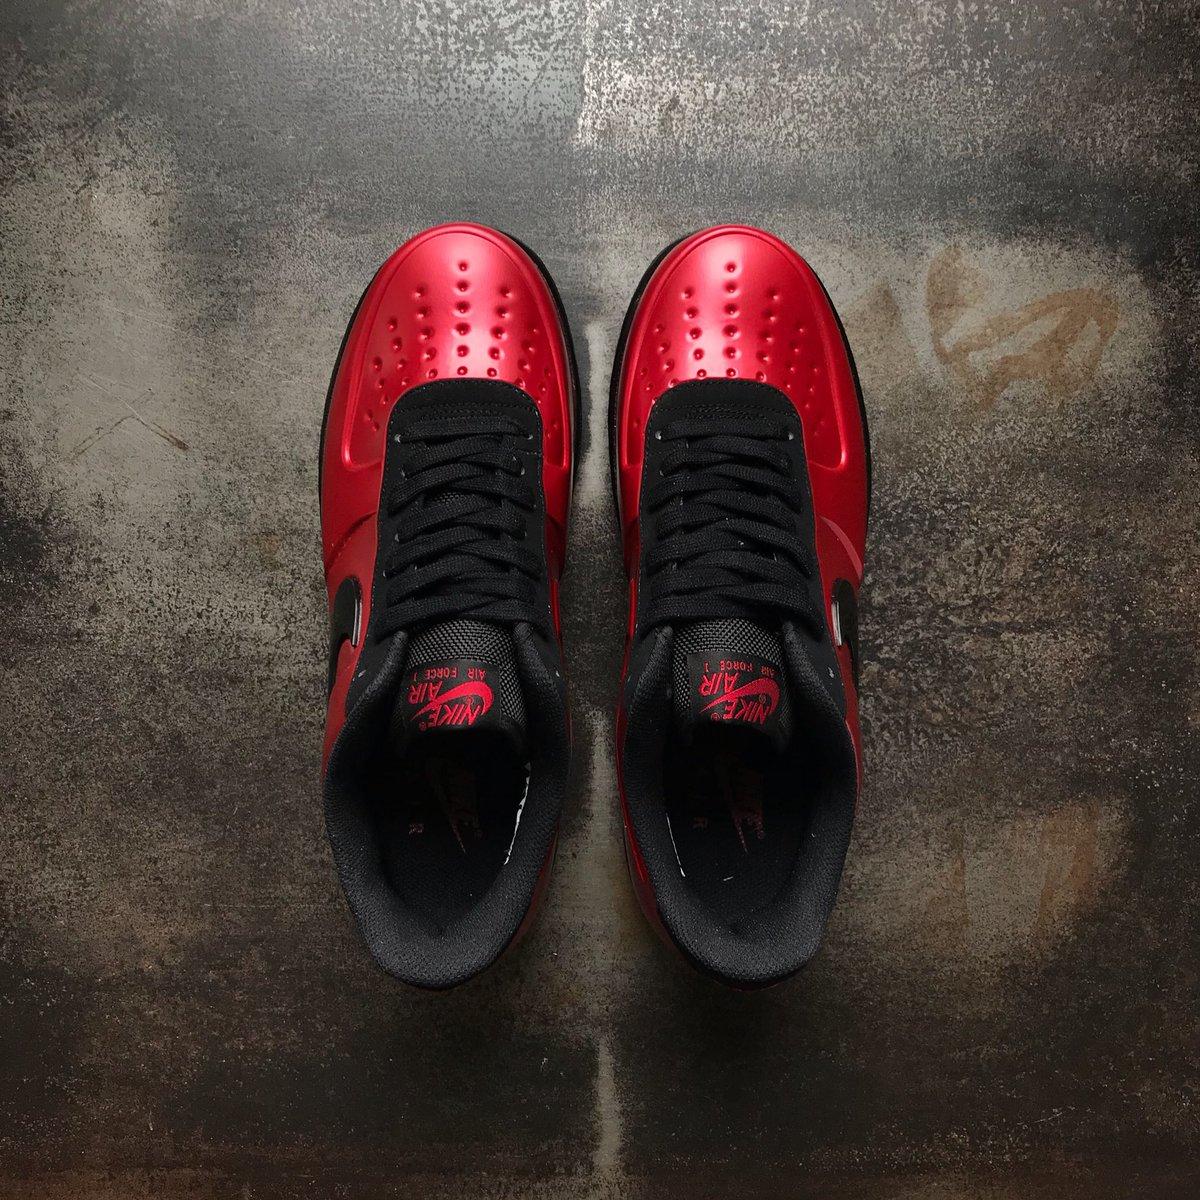 1558a655195  Nike  NikeAirForce1  AF1  AF1Foamposite . . . http   wellgosh.com nike-af1 -foamposite-pro-cup-gym-red-black.html …pic.twitter.com 3bxA1MBPUb